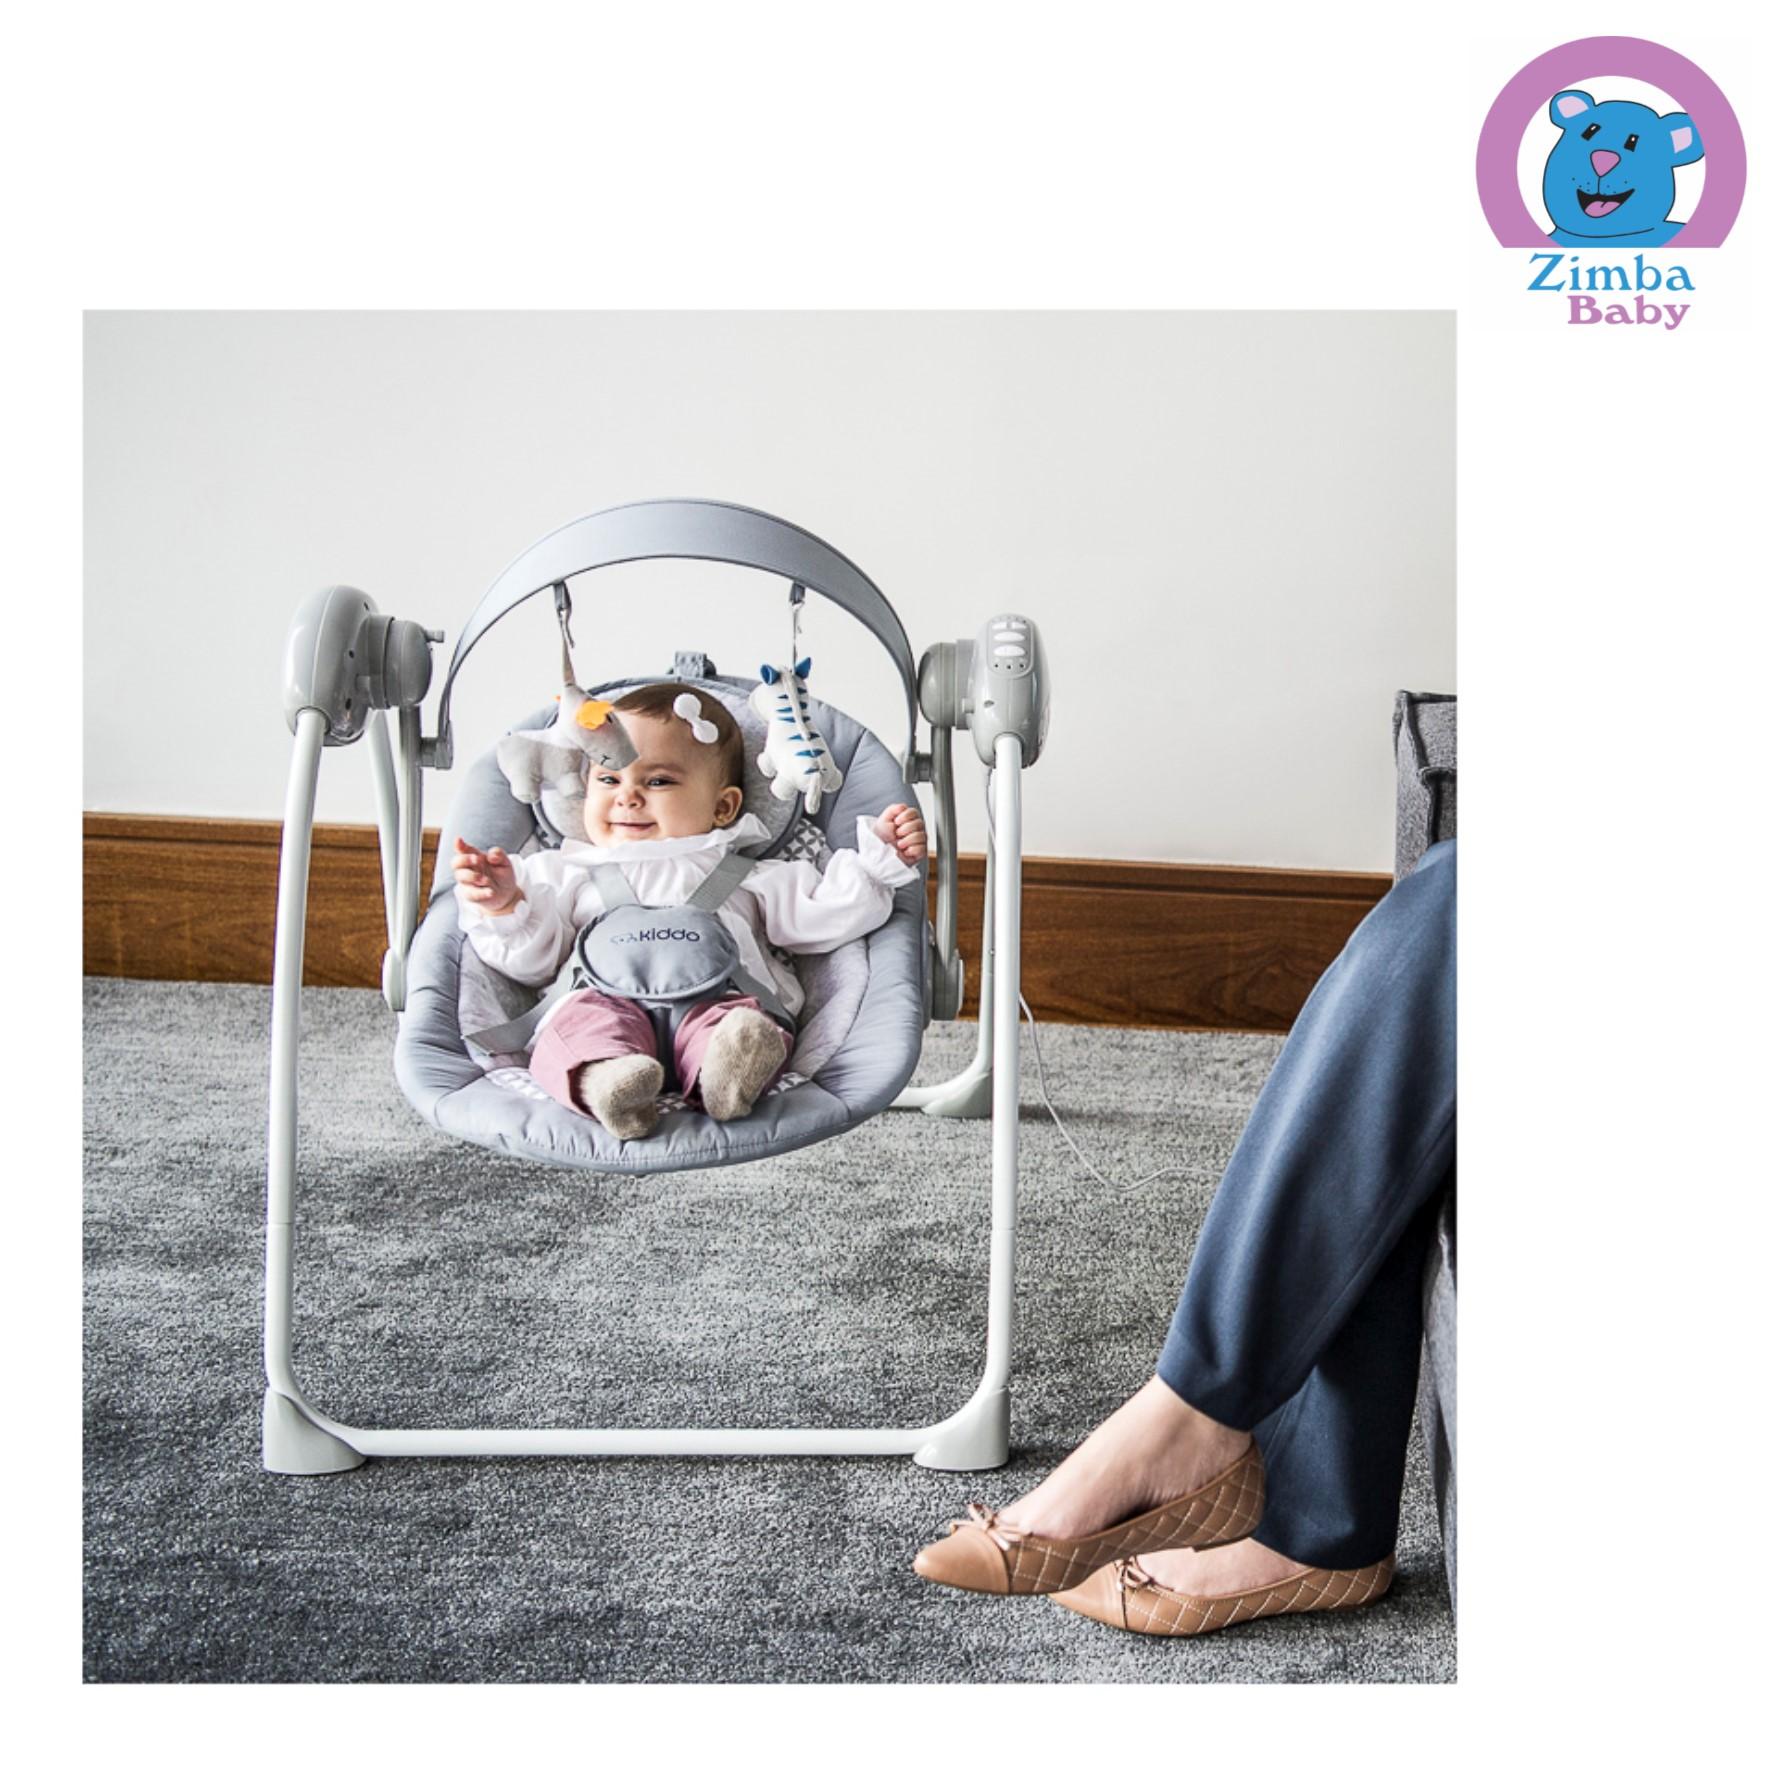 Cadeira de Descanso Mimo Kiddo -Até 9 kg